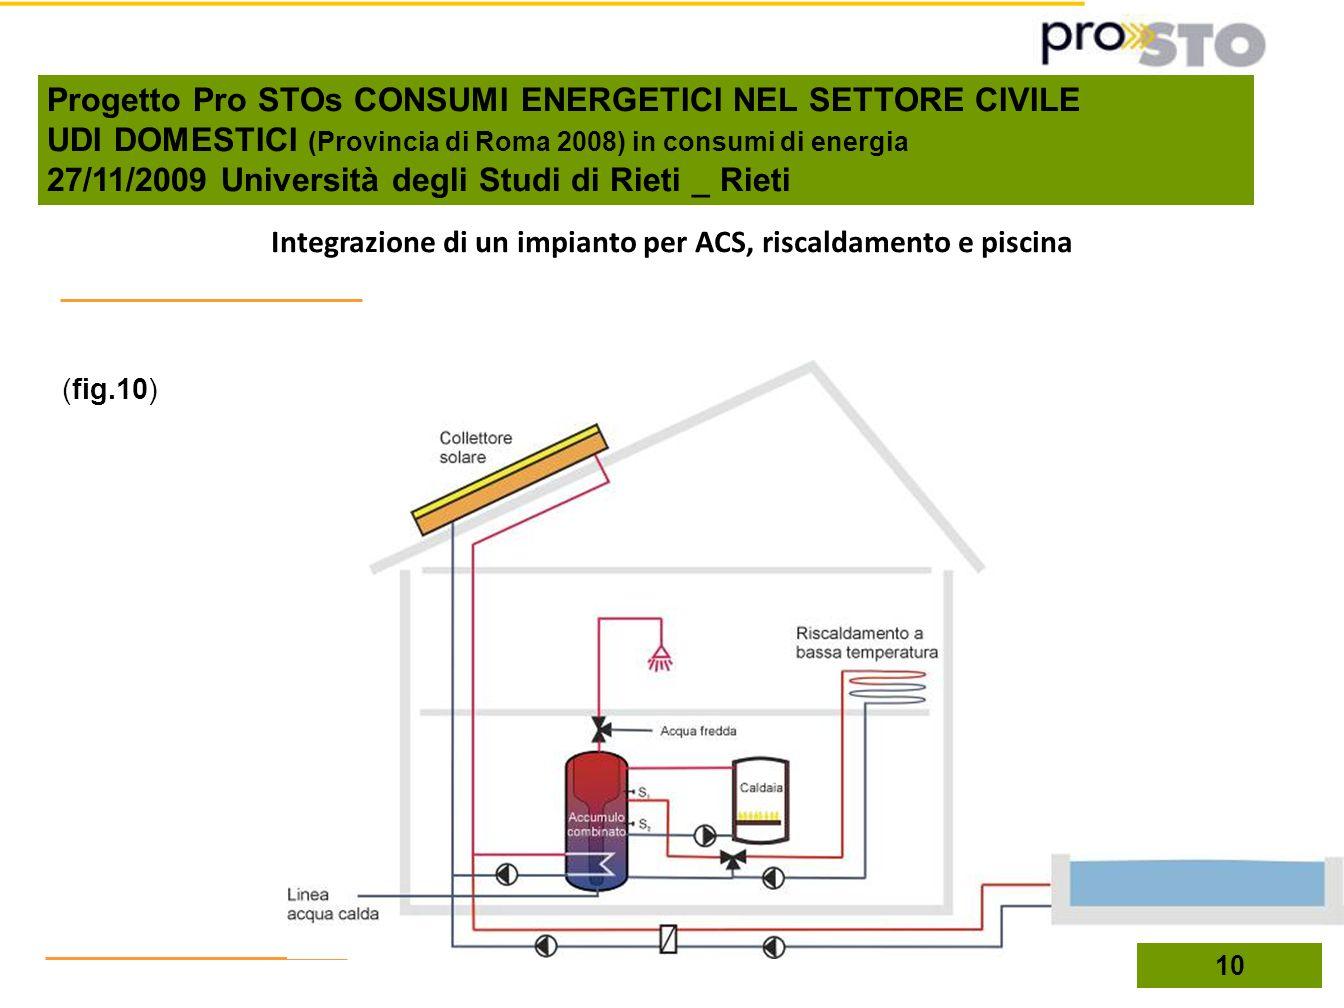 Integrazione di un impianto per ACS, riscaldamento e piscina